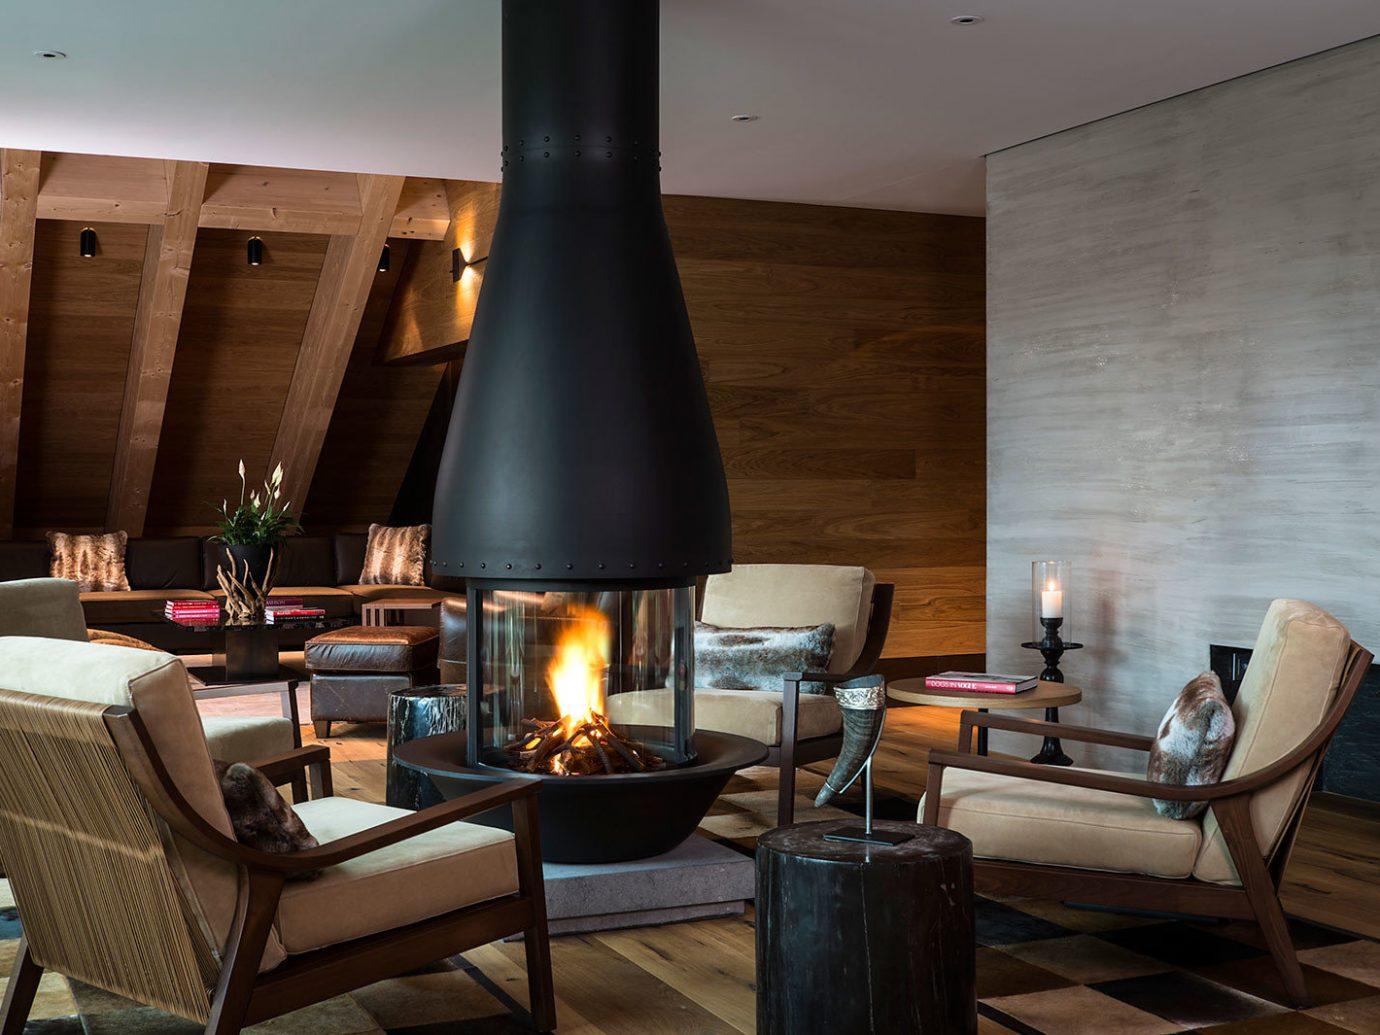 Hotels indoor room floor Living property living room hearth interior design lighting wood home estate Design cottage furniture